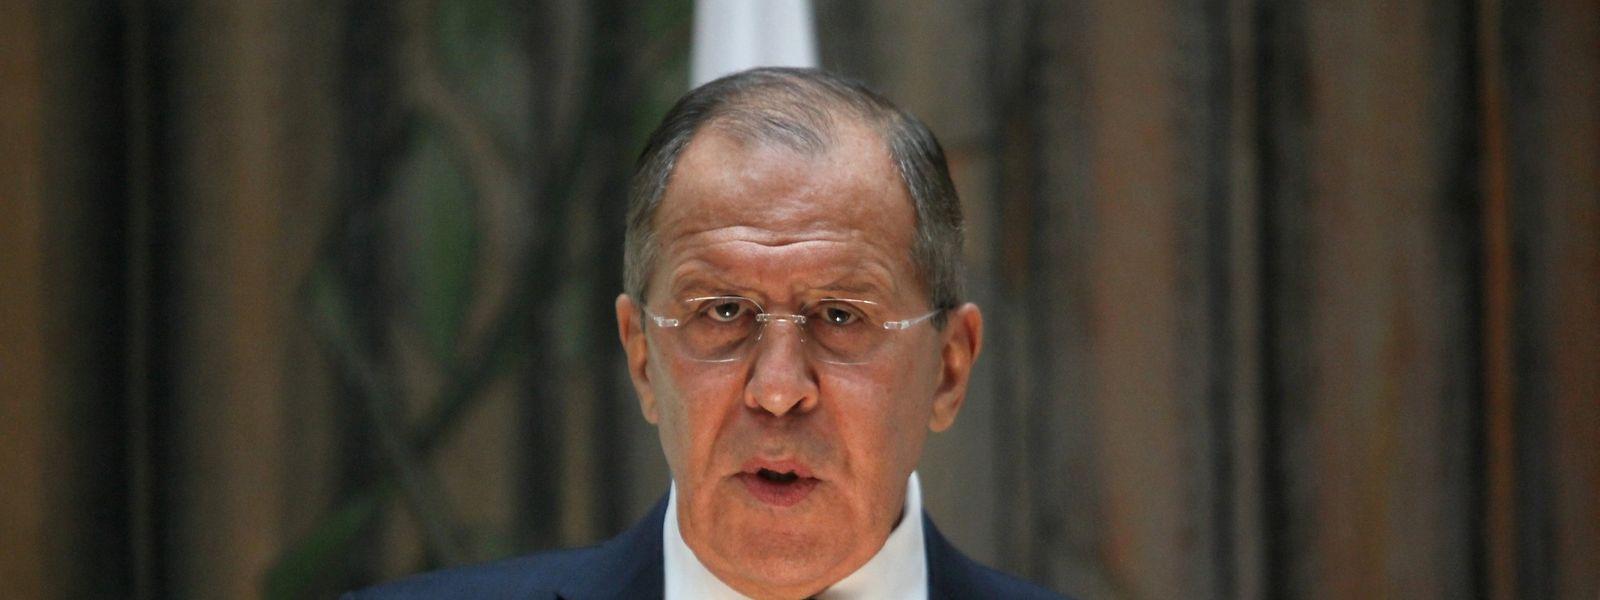 """Der russische Au0enminister Sergej Lawrow sagt, er habe das Wort """"Spinner"""" nicht aus Trumps Mund gehört - Comey sei generell kein Thema gewesen."""